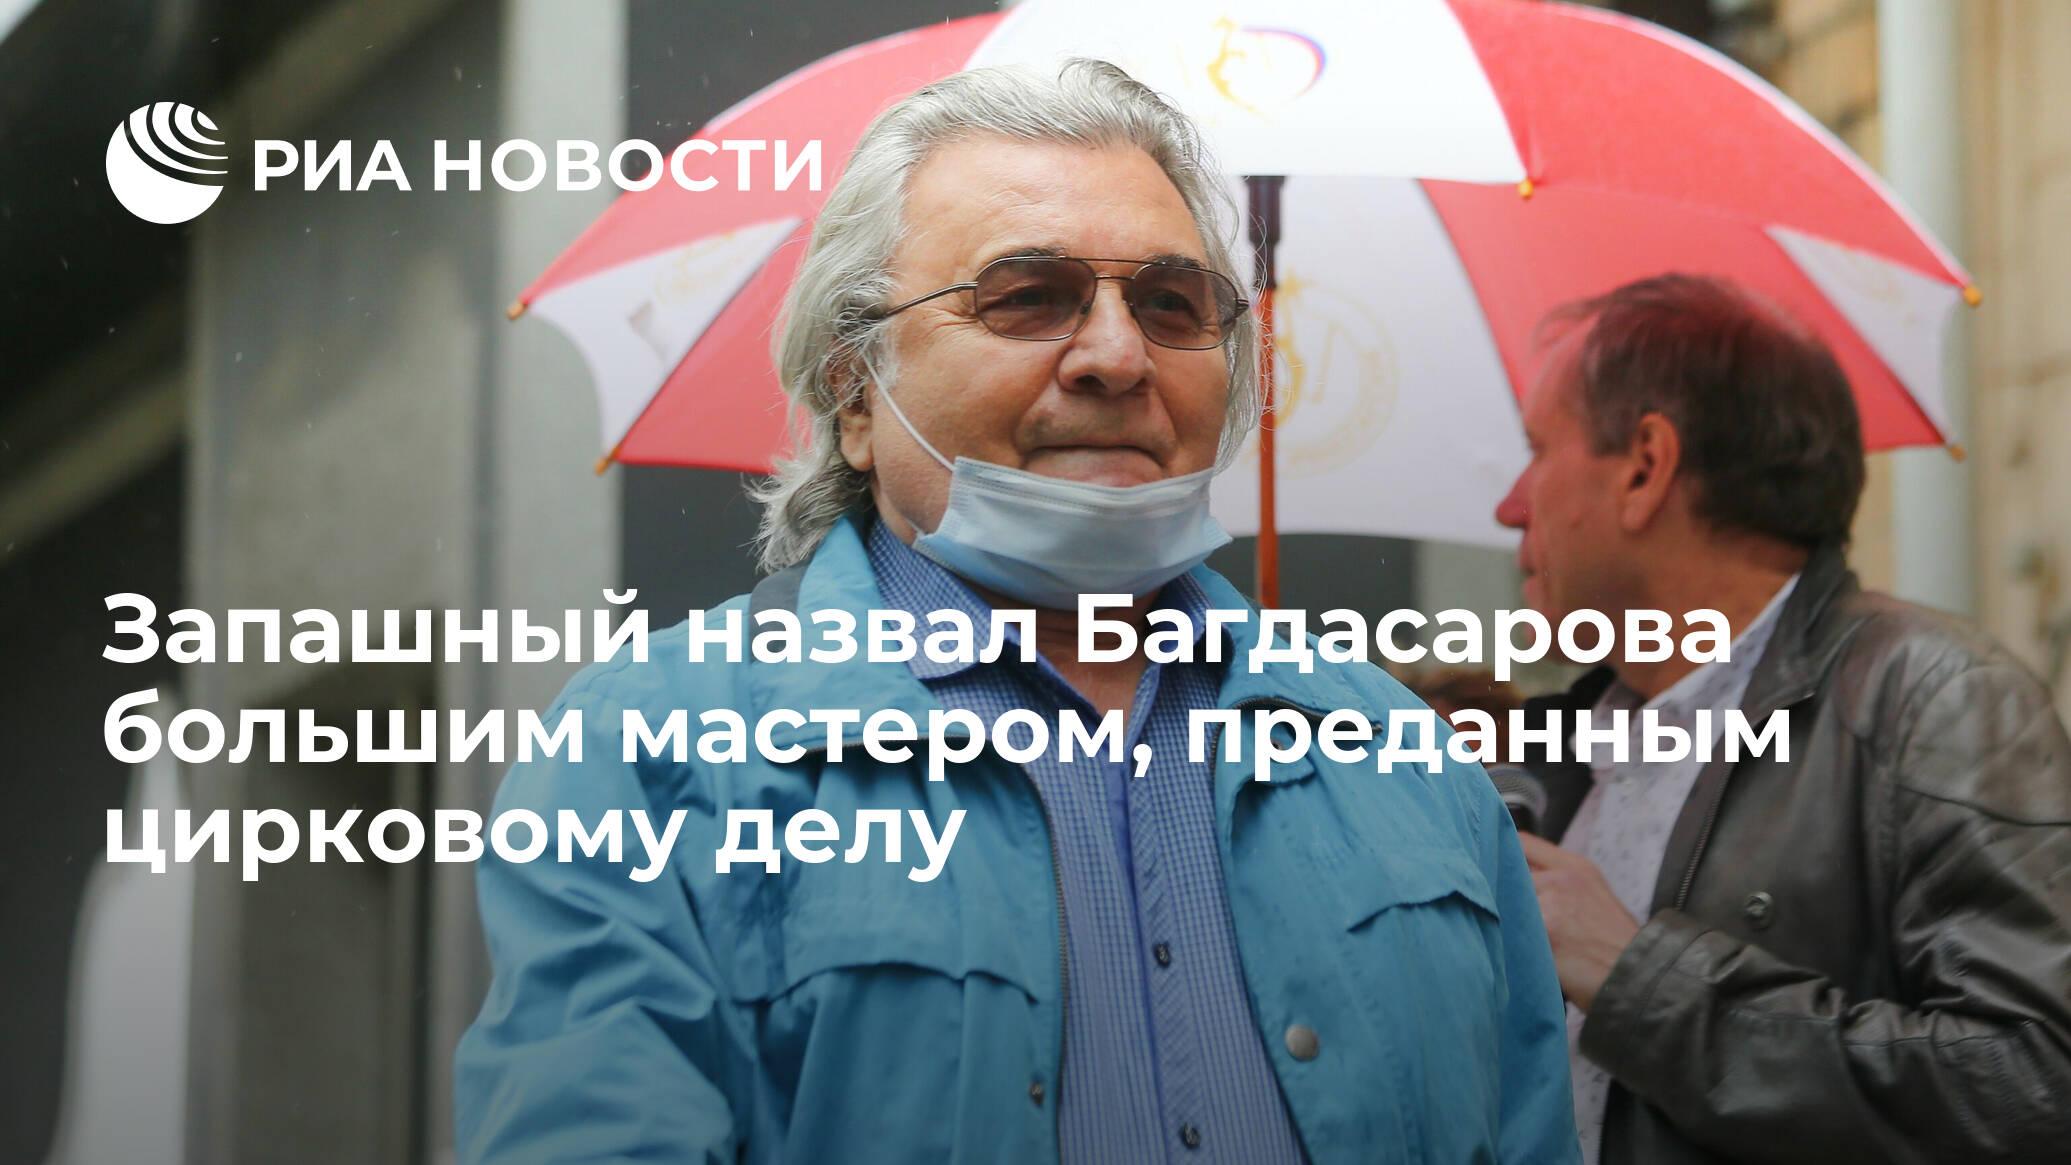 Запашный назвал Багдасарова большим мастером, преданным цирковому делу